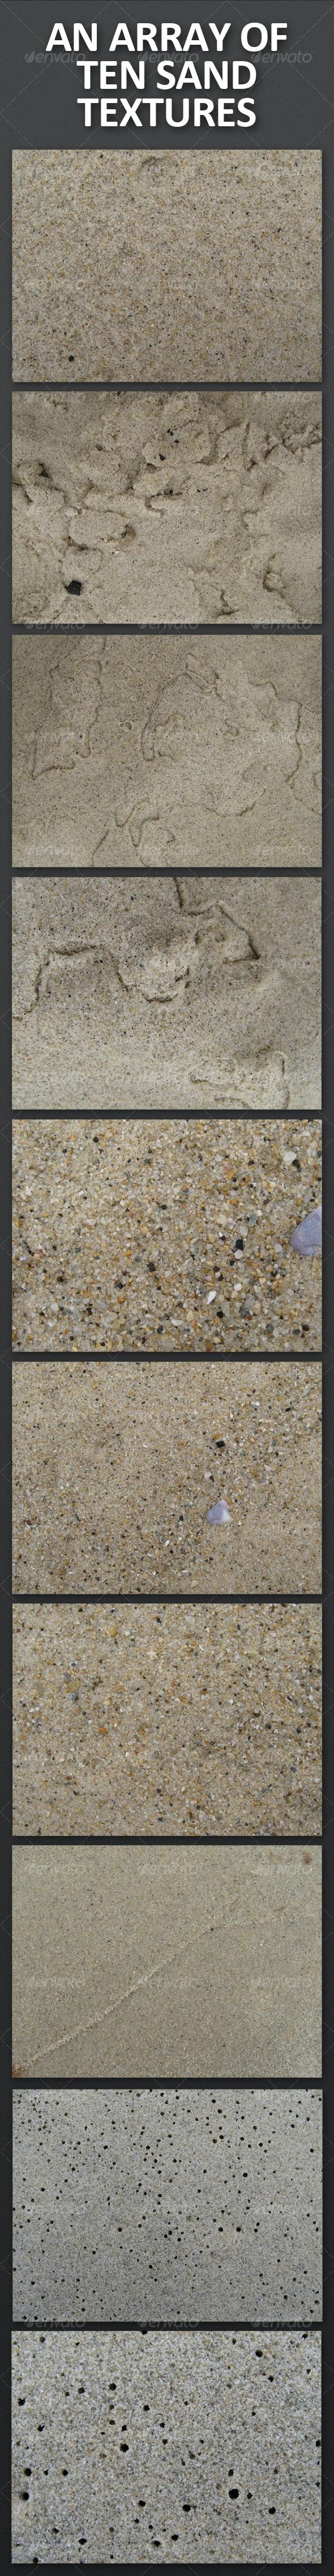 An Array of Ten Sand Textures - Nature Textures